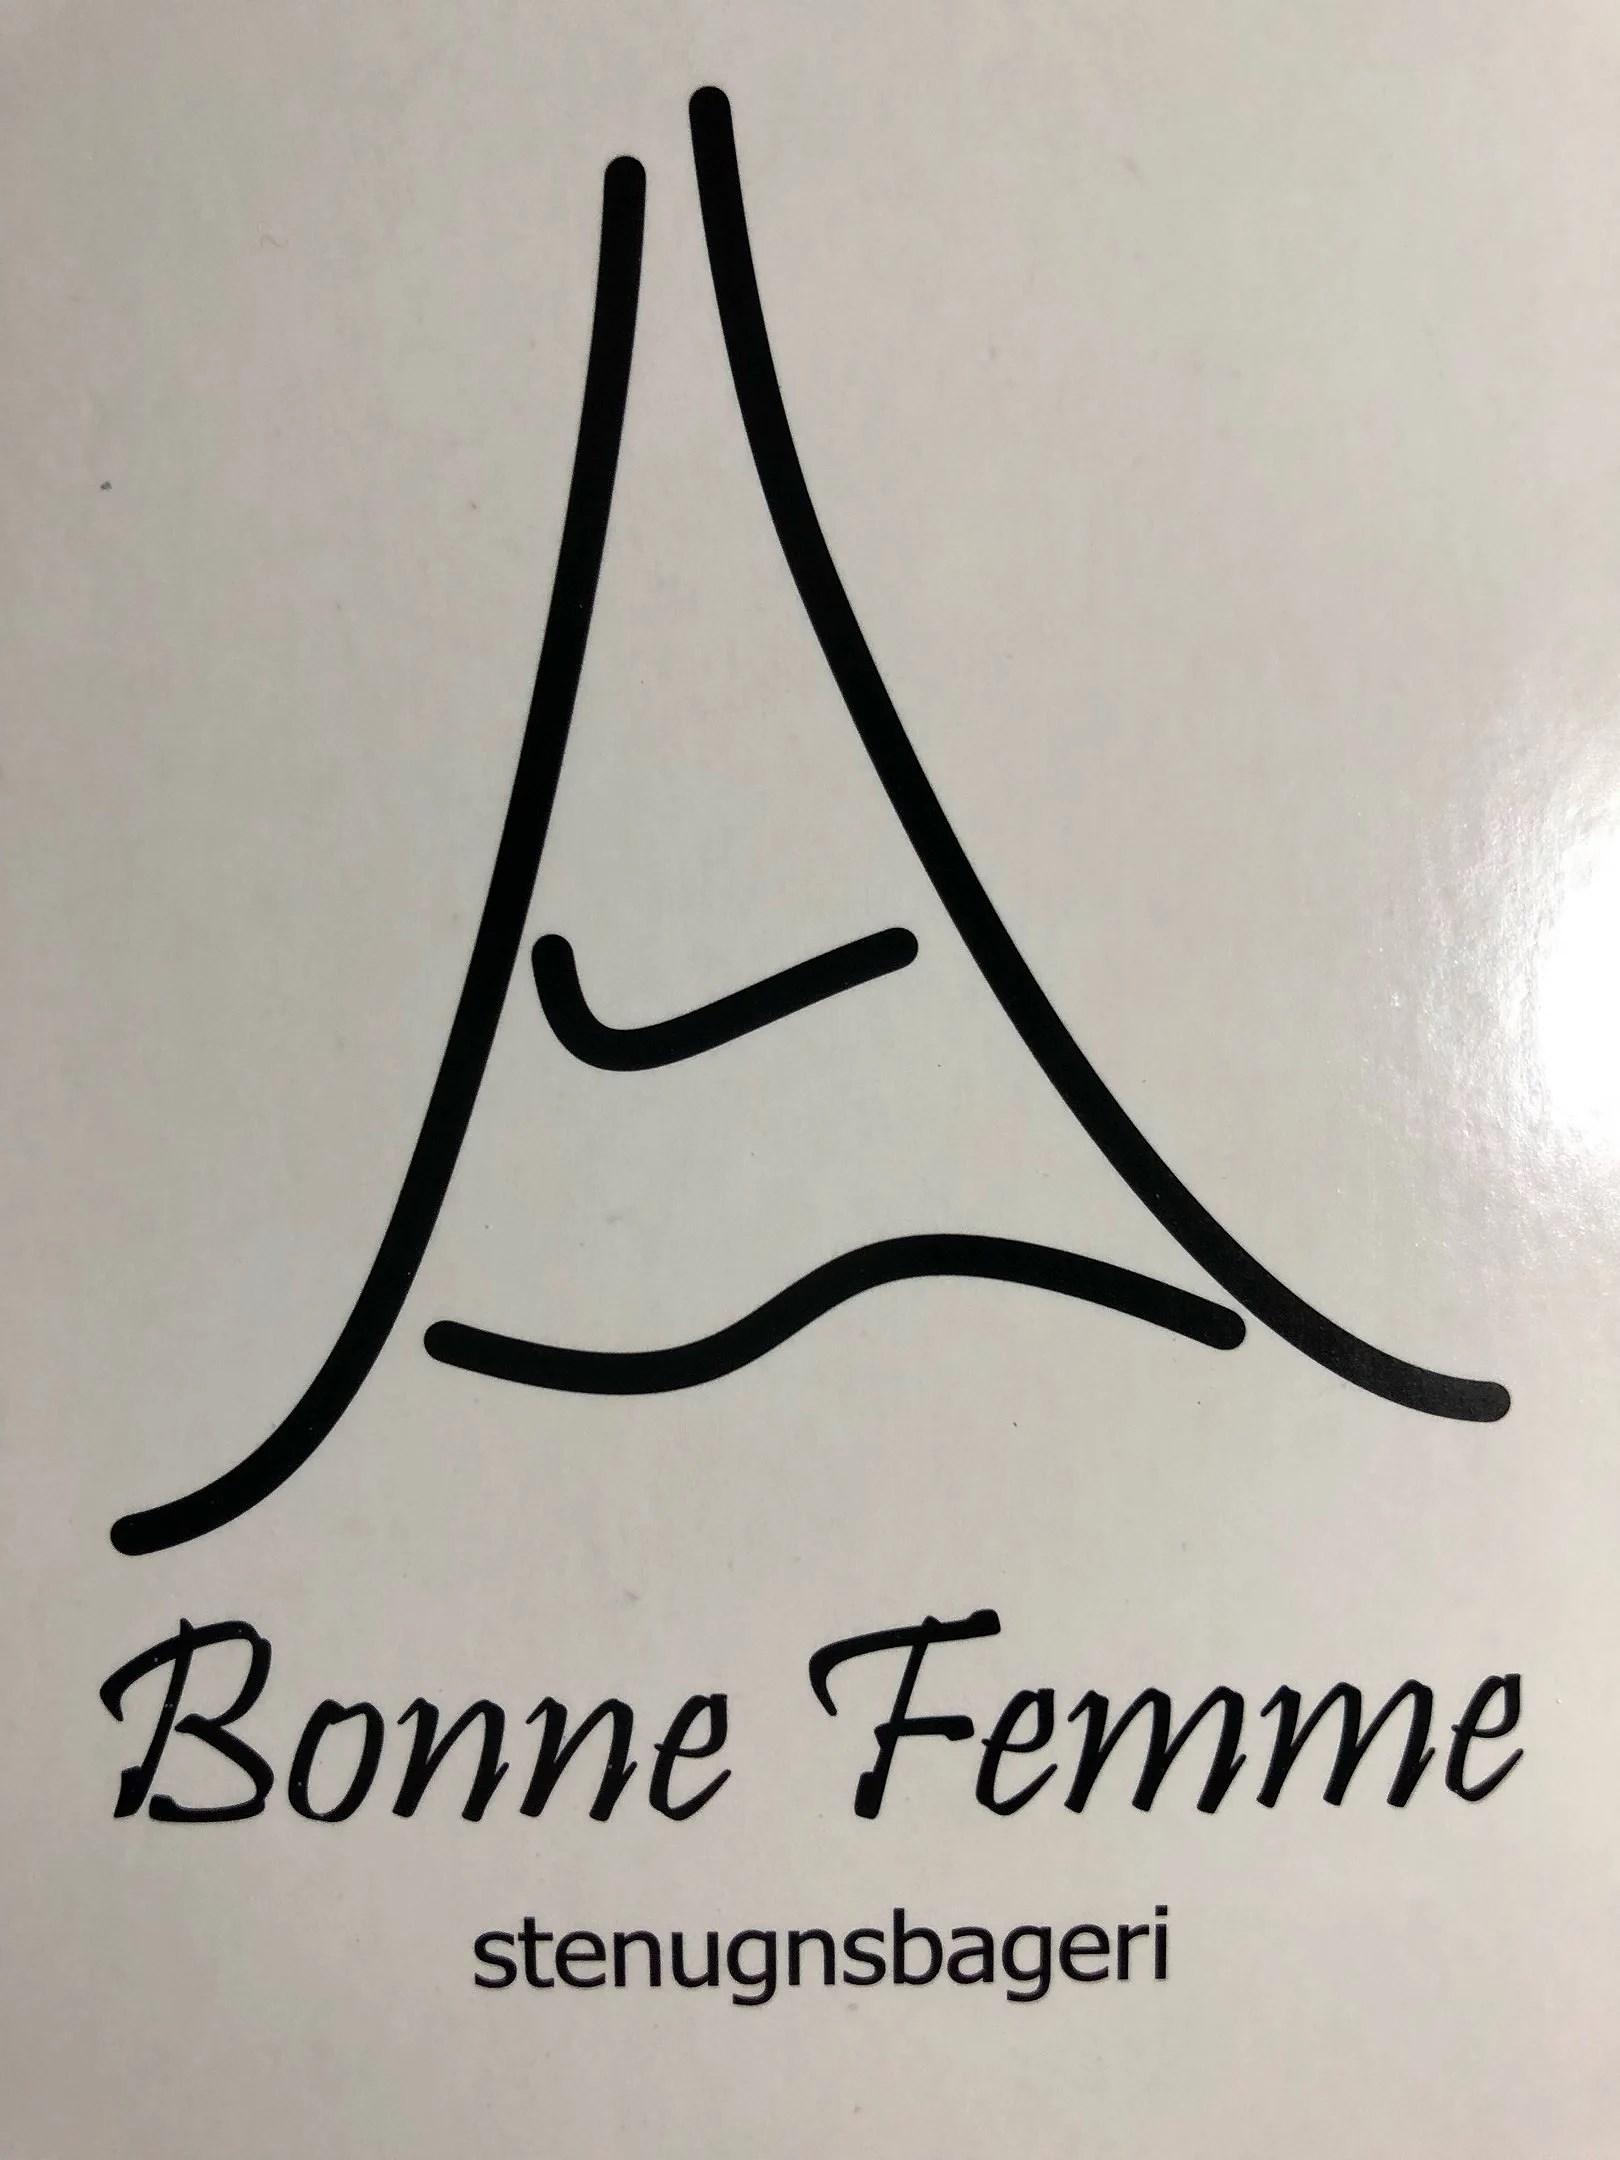 Bonne Femme.